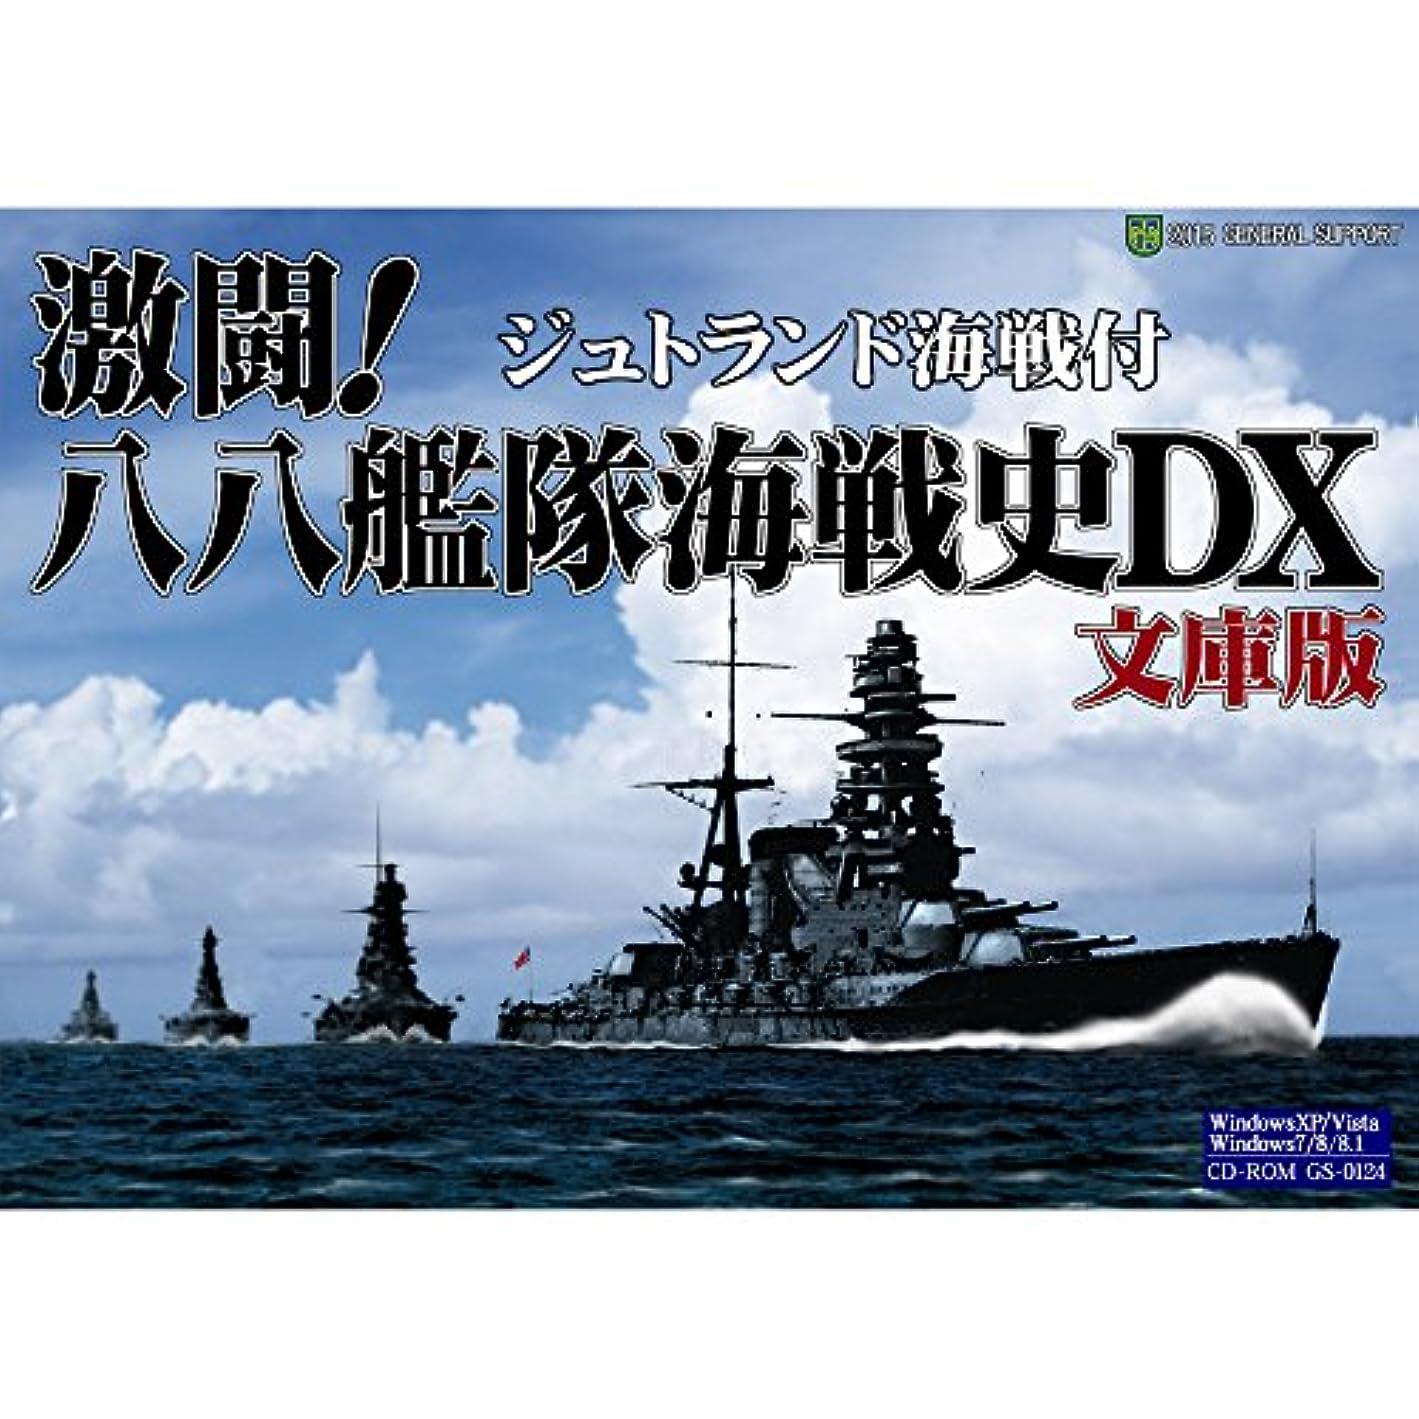 オーナー目覚める意識的ジェネラル?サポート 激闘!八八艦隊海戦史DX 文庫版